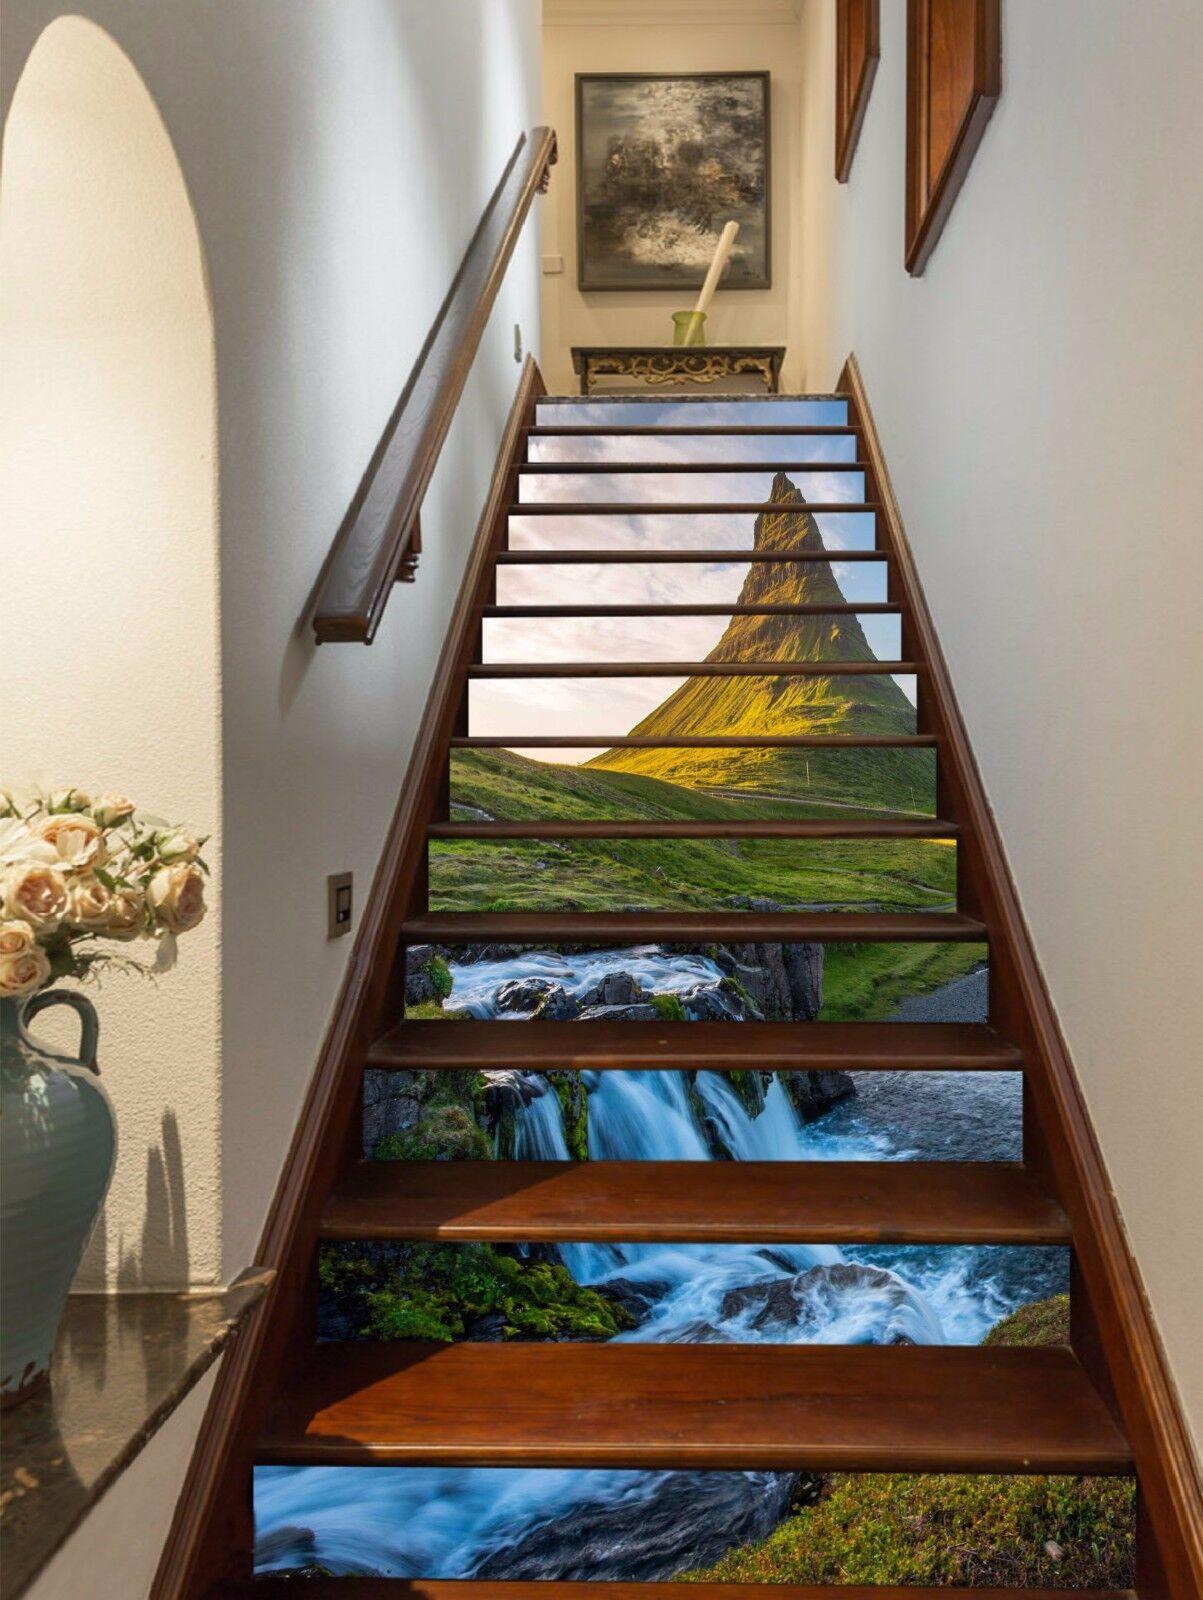 3D Hill River 2221 escaliers contremarches Décoration Photo Murale Autocollant Vinyle Papier Peint US